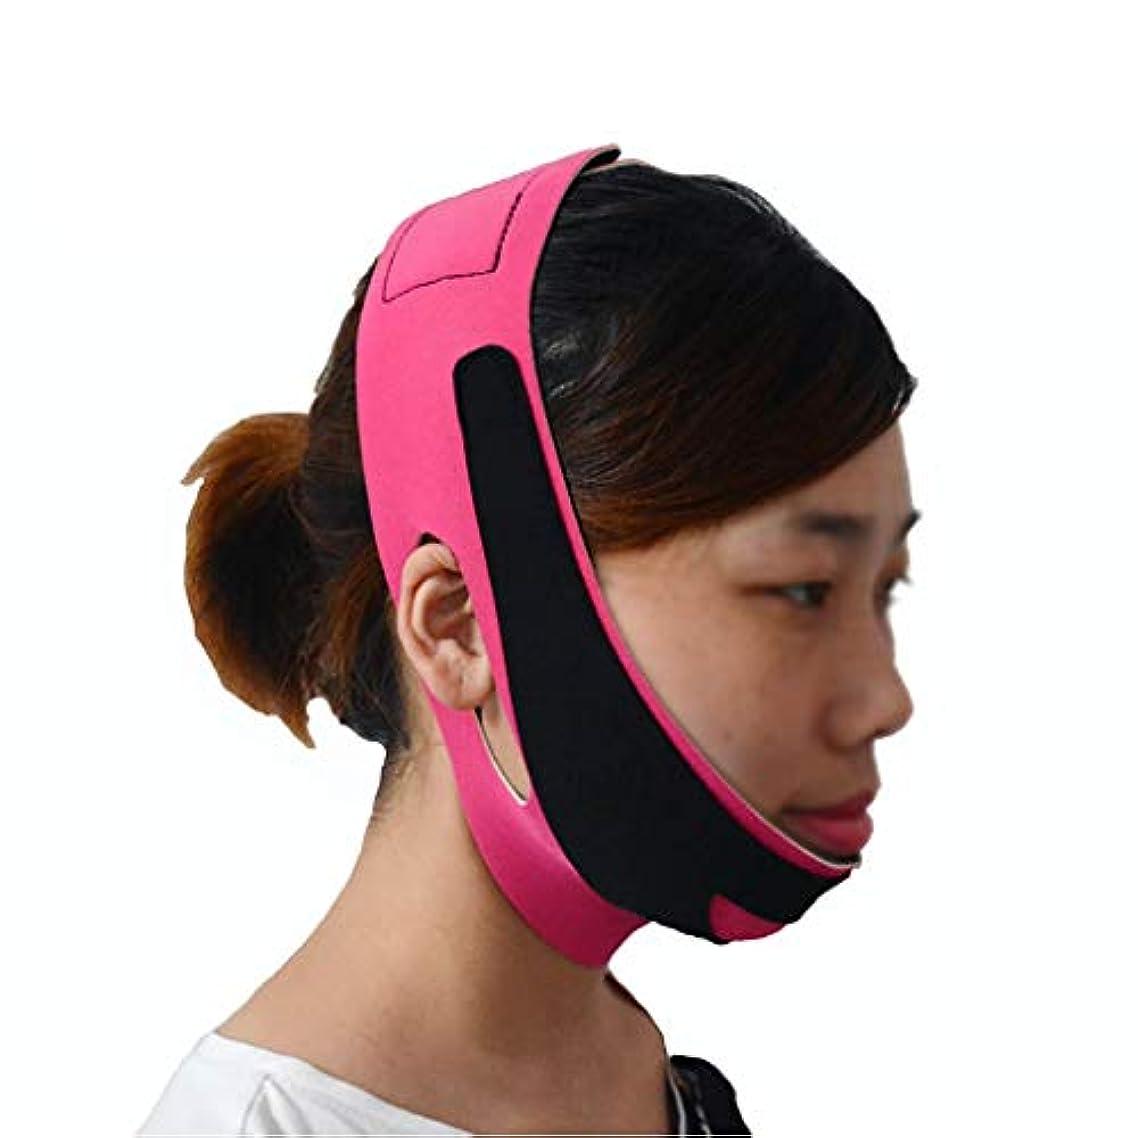 マーチャンダイジングインカ帝国ウッズ顔面マスク、顔面リフトマスク薄い顔をあごに薄く包帯V顔アーティファクトに直面する